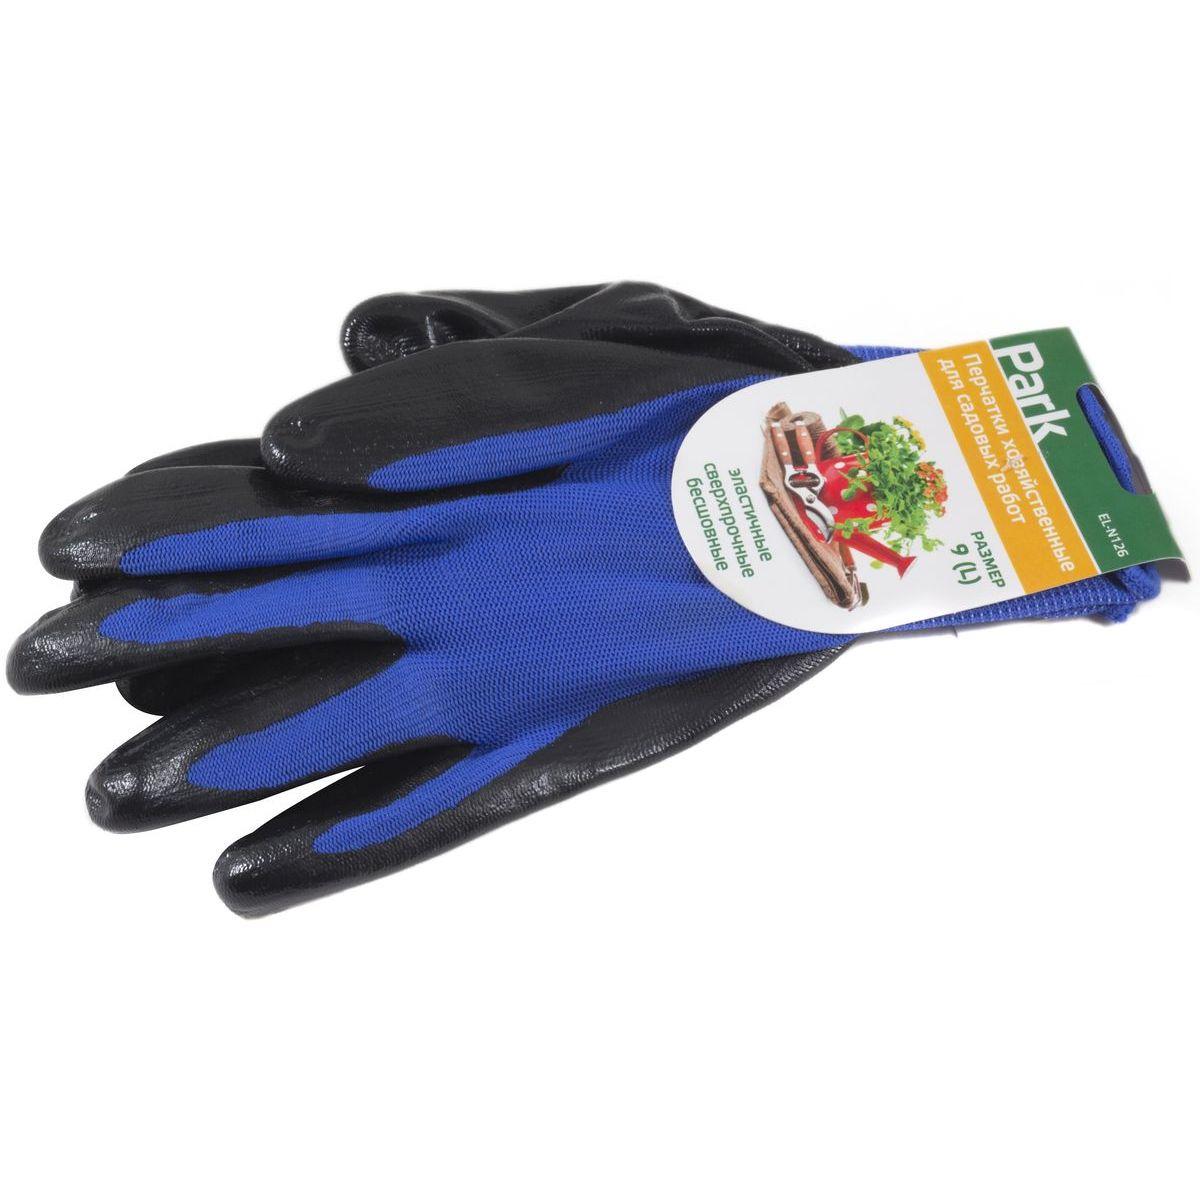 Перчатки хозяйственные Park, EL-F003, синий, размер 9 (L) jockmail тёмный синий цвет номер l